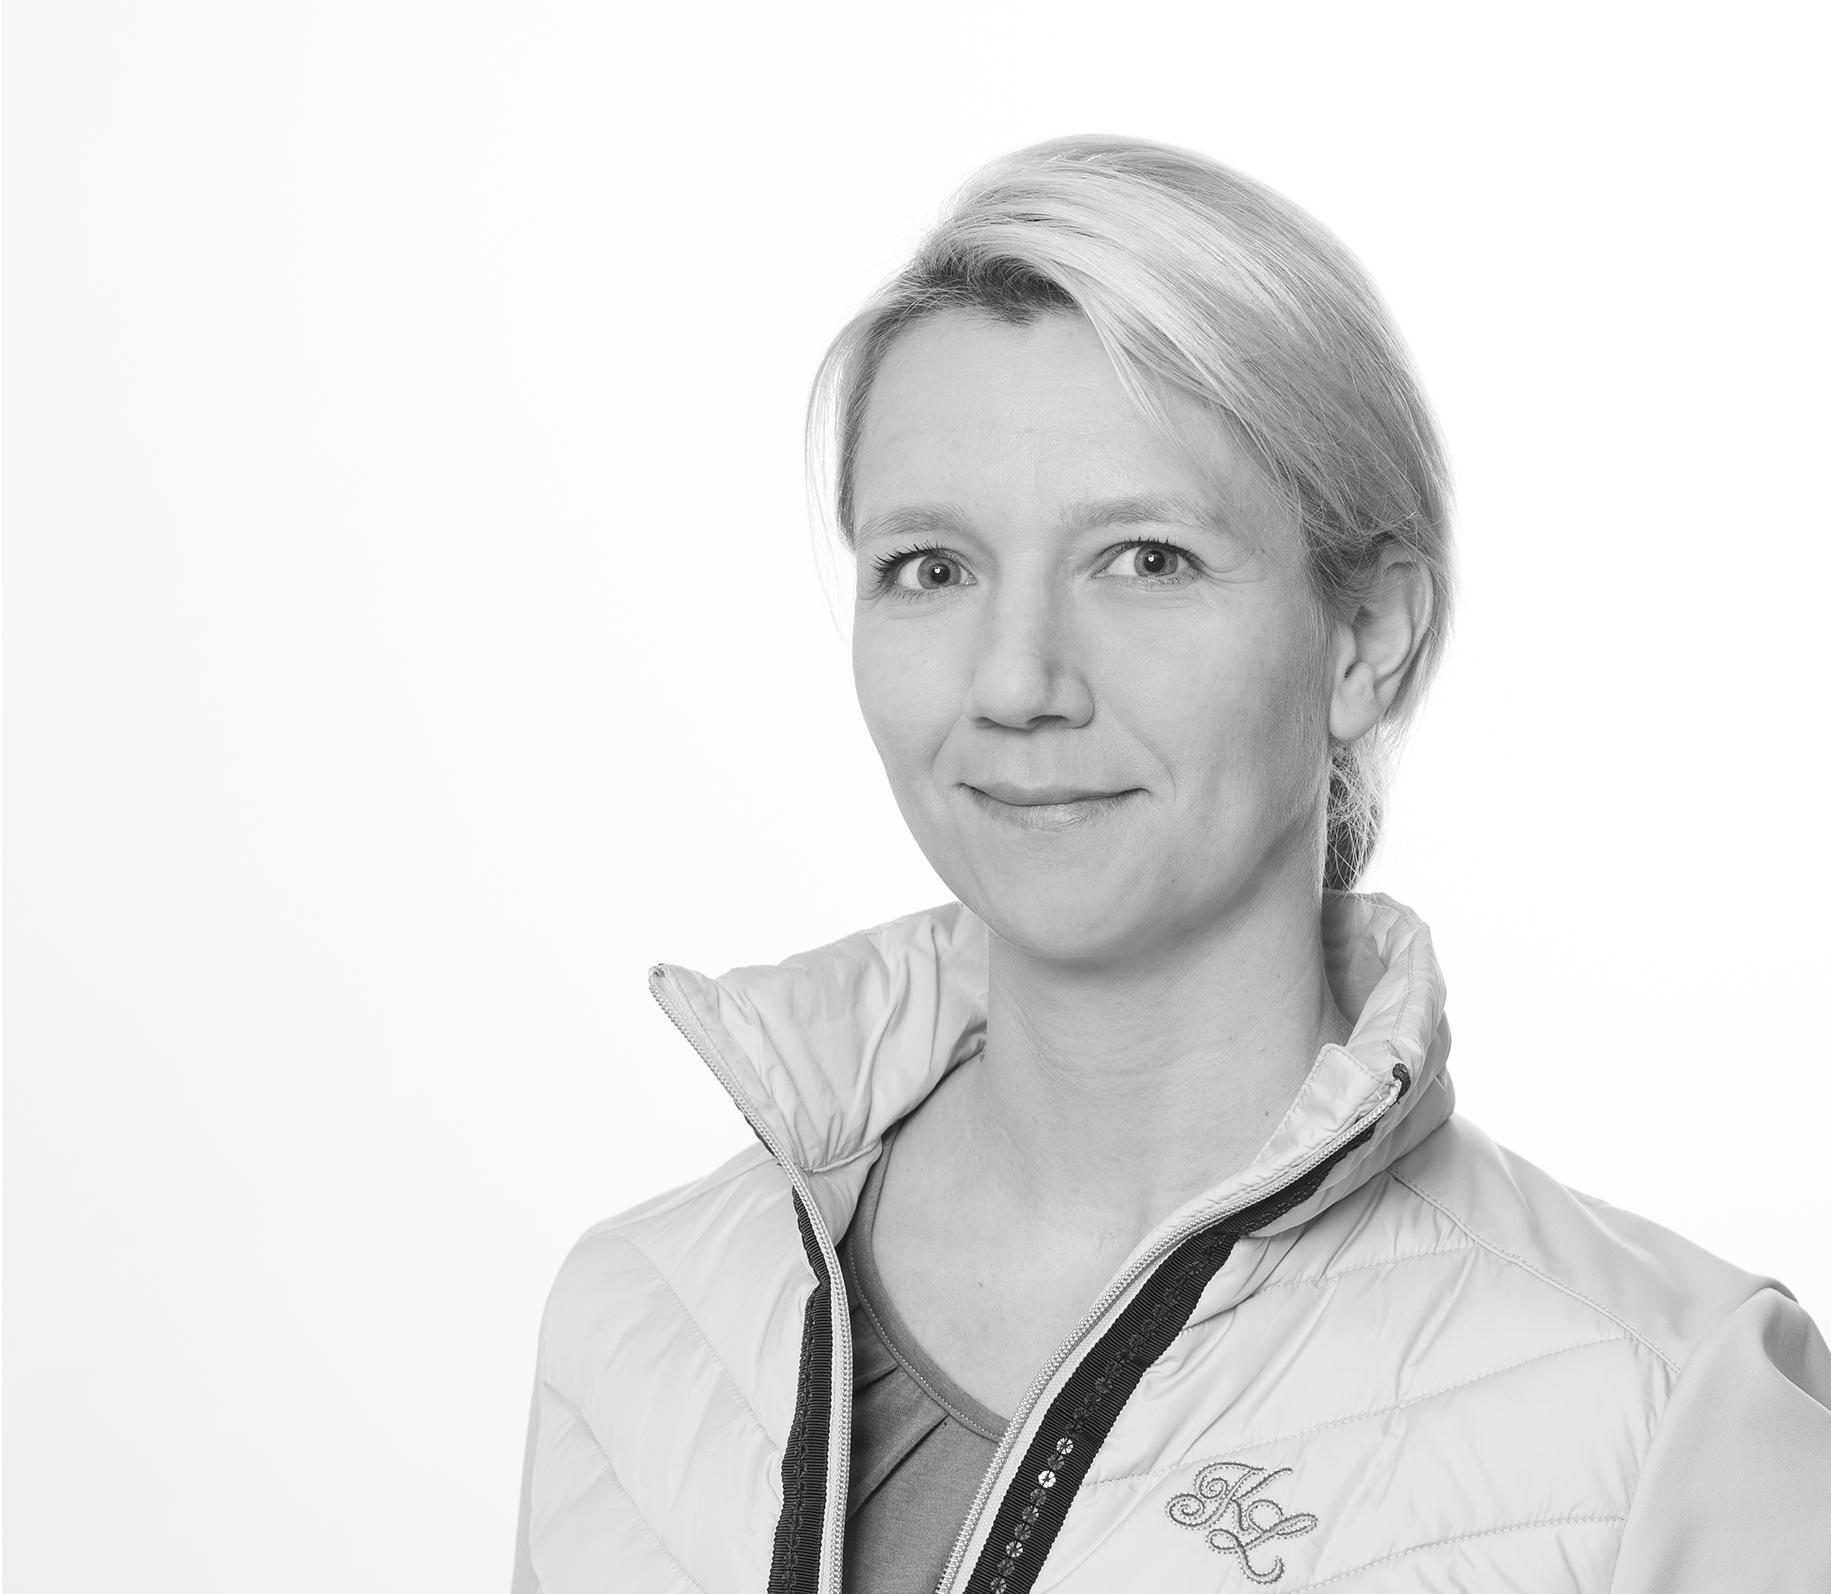 Rachel Kalinowski